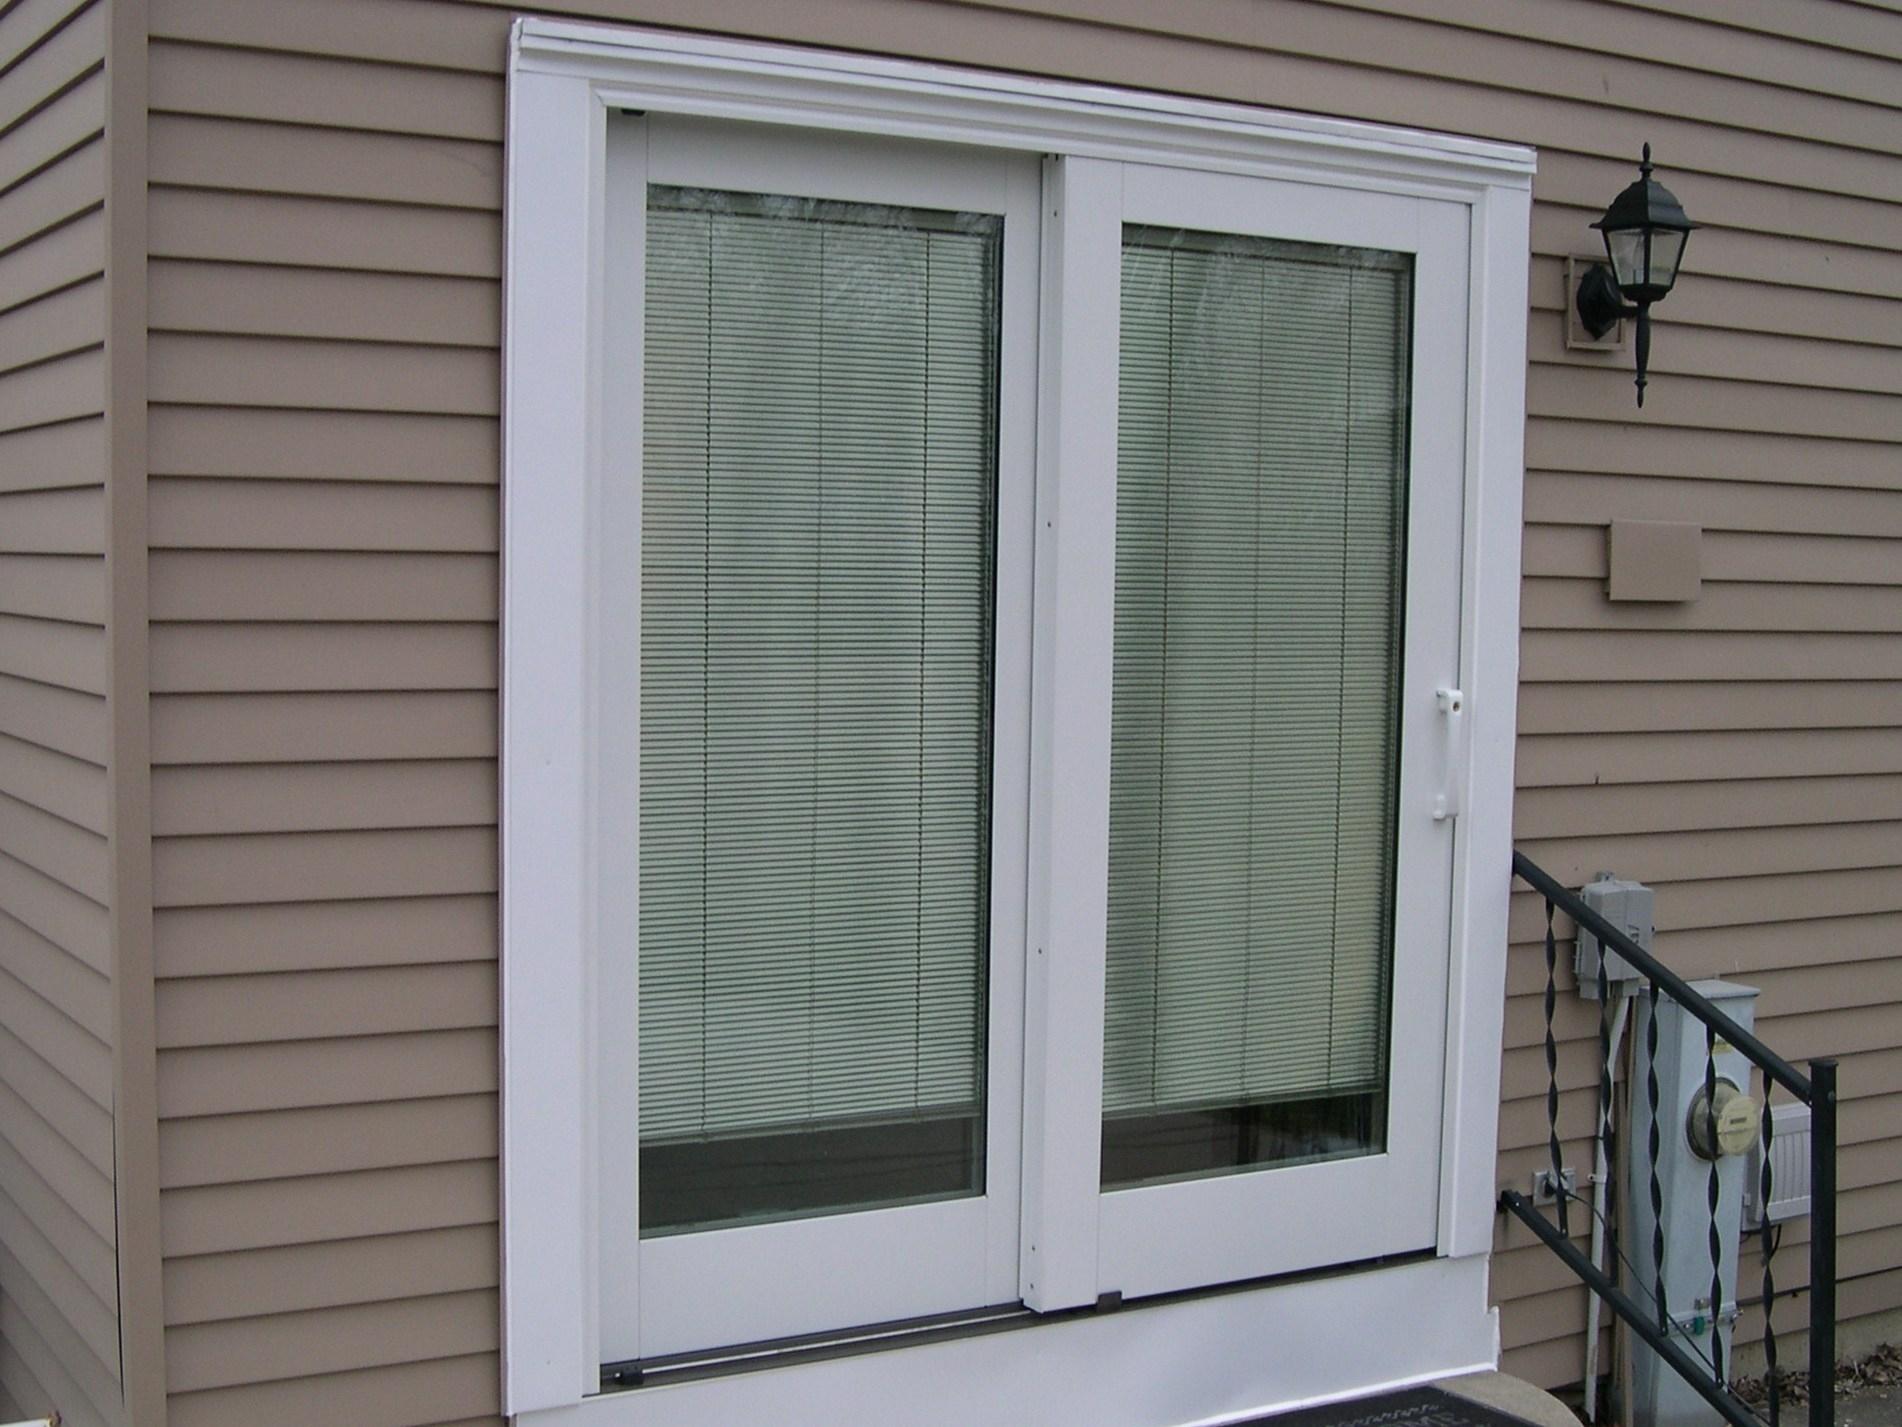 Pella Sliding Patio Door Blinds Between Glass1902 X 1427